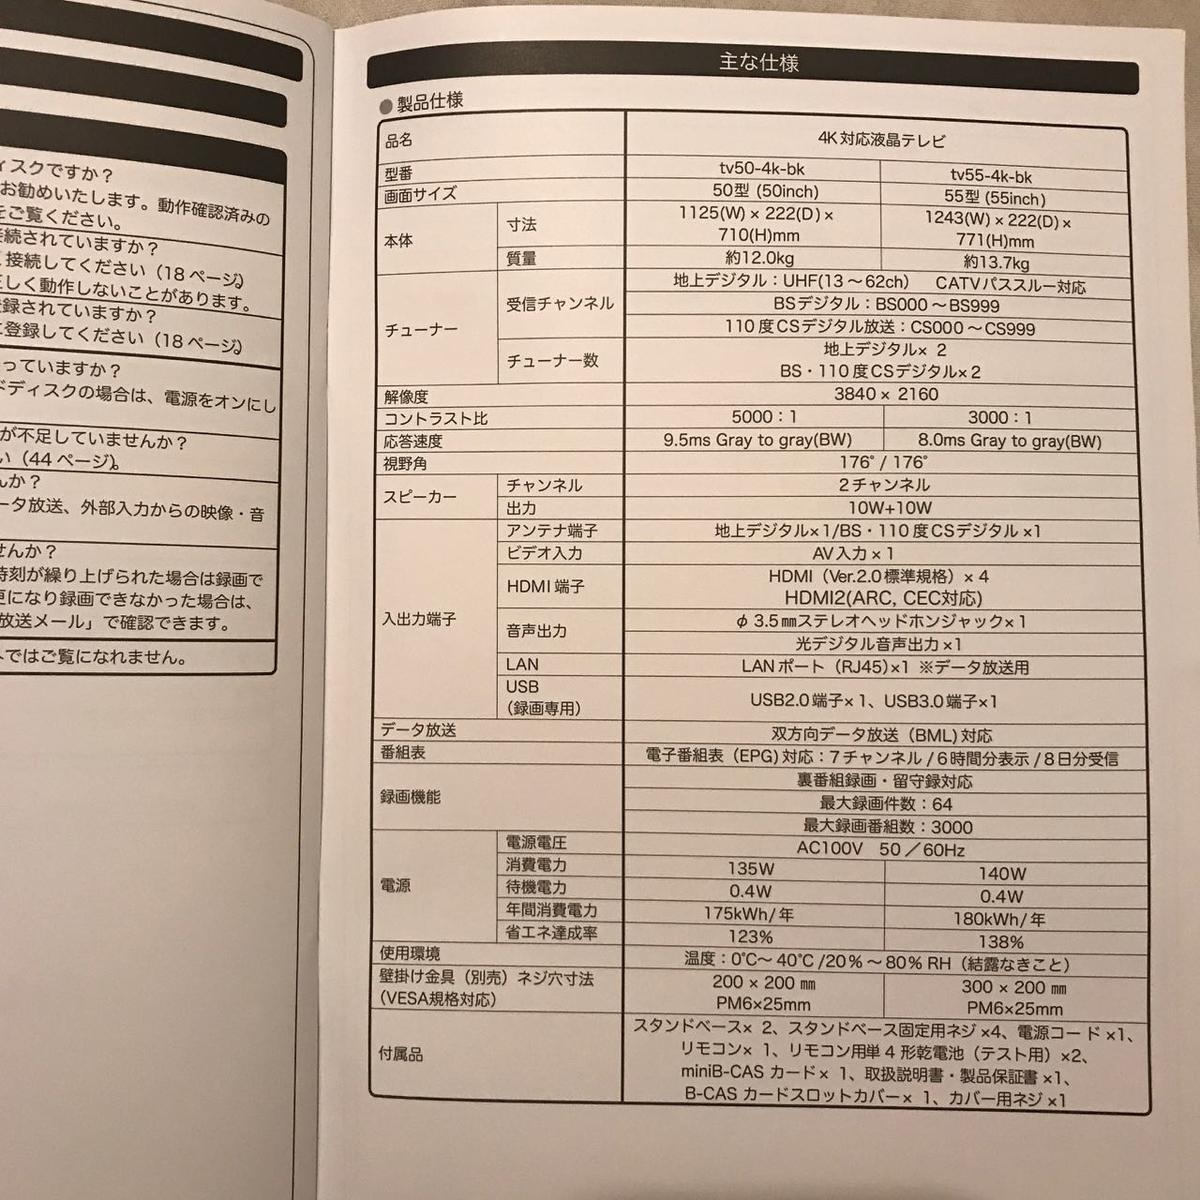 説明書の仕様表